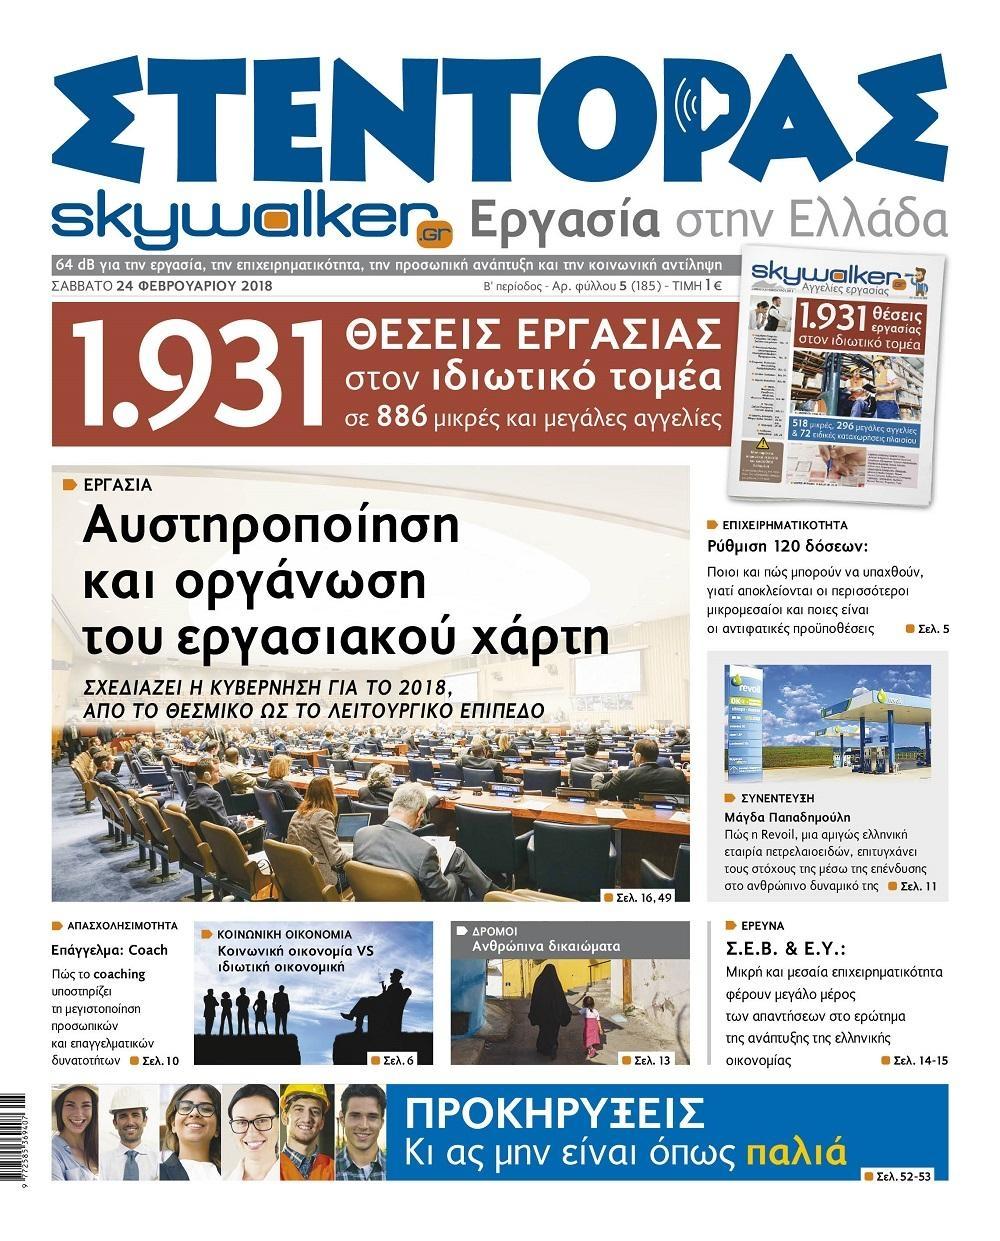 Πρωτοσέλιδο εφημερίδας ΣΤΕΝΤΟΡΑΣ